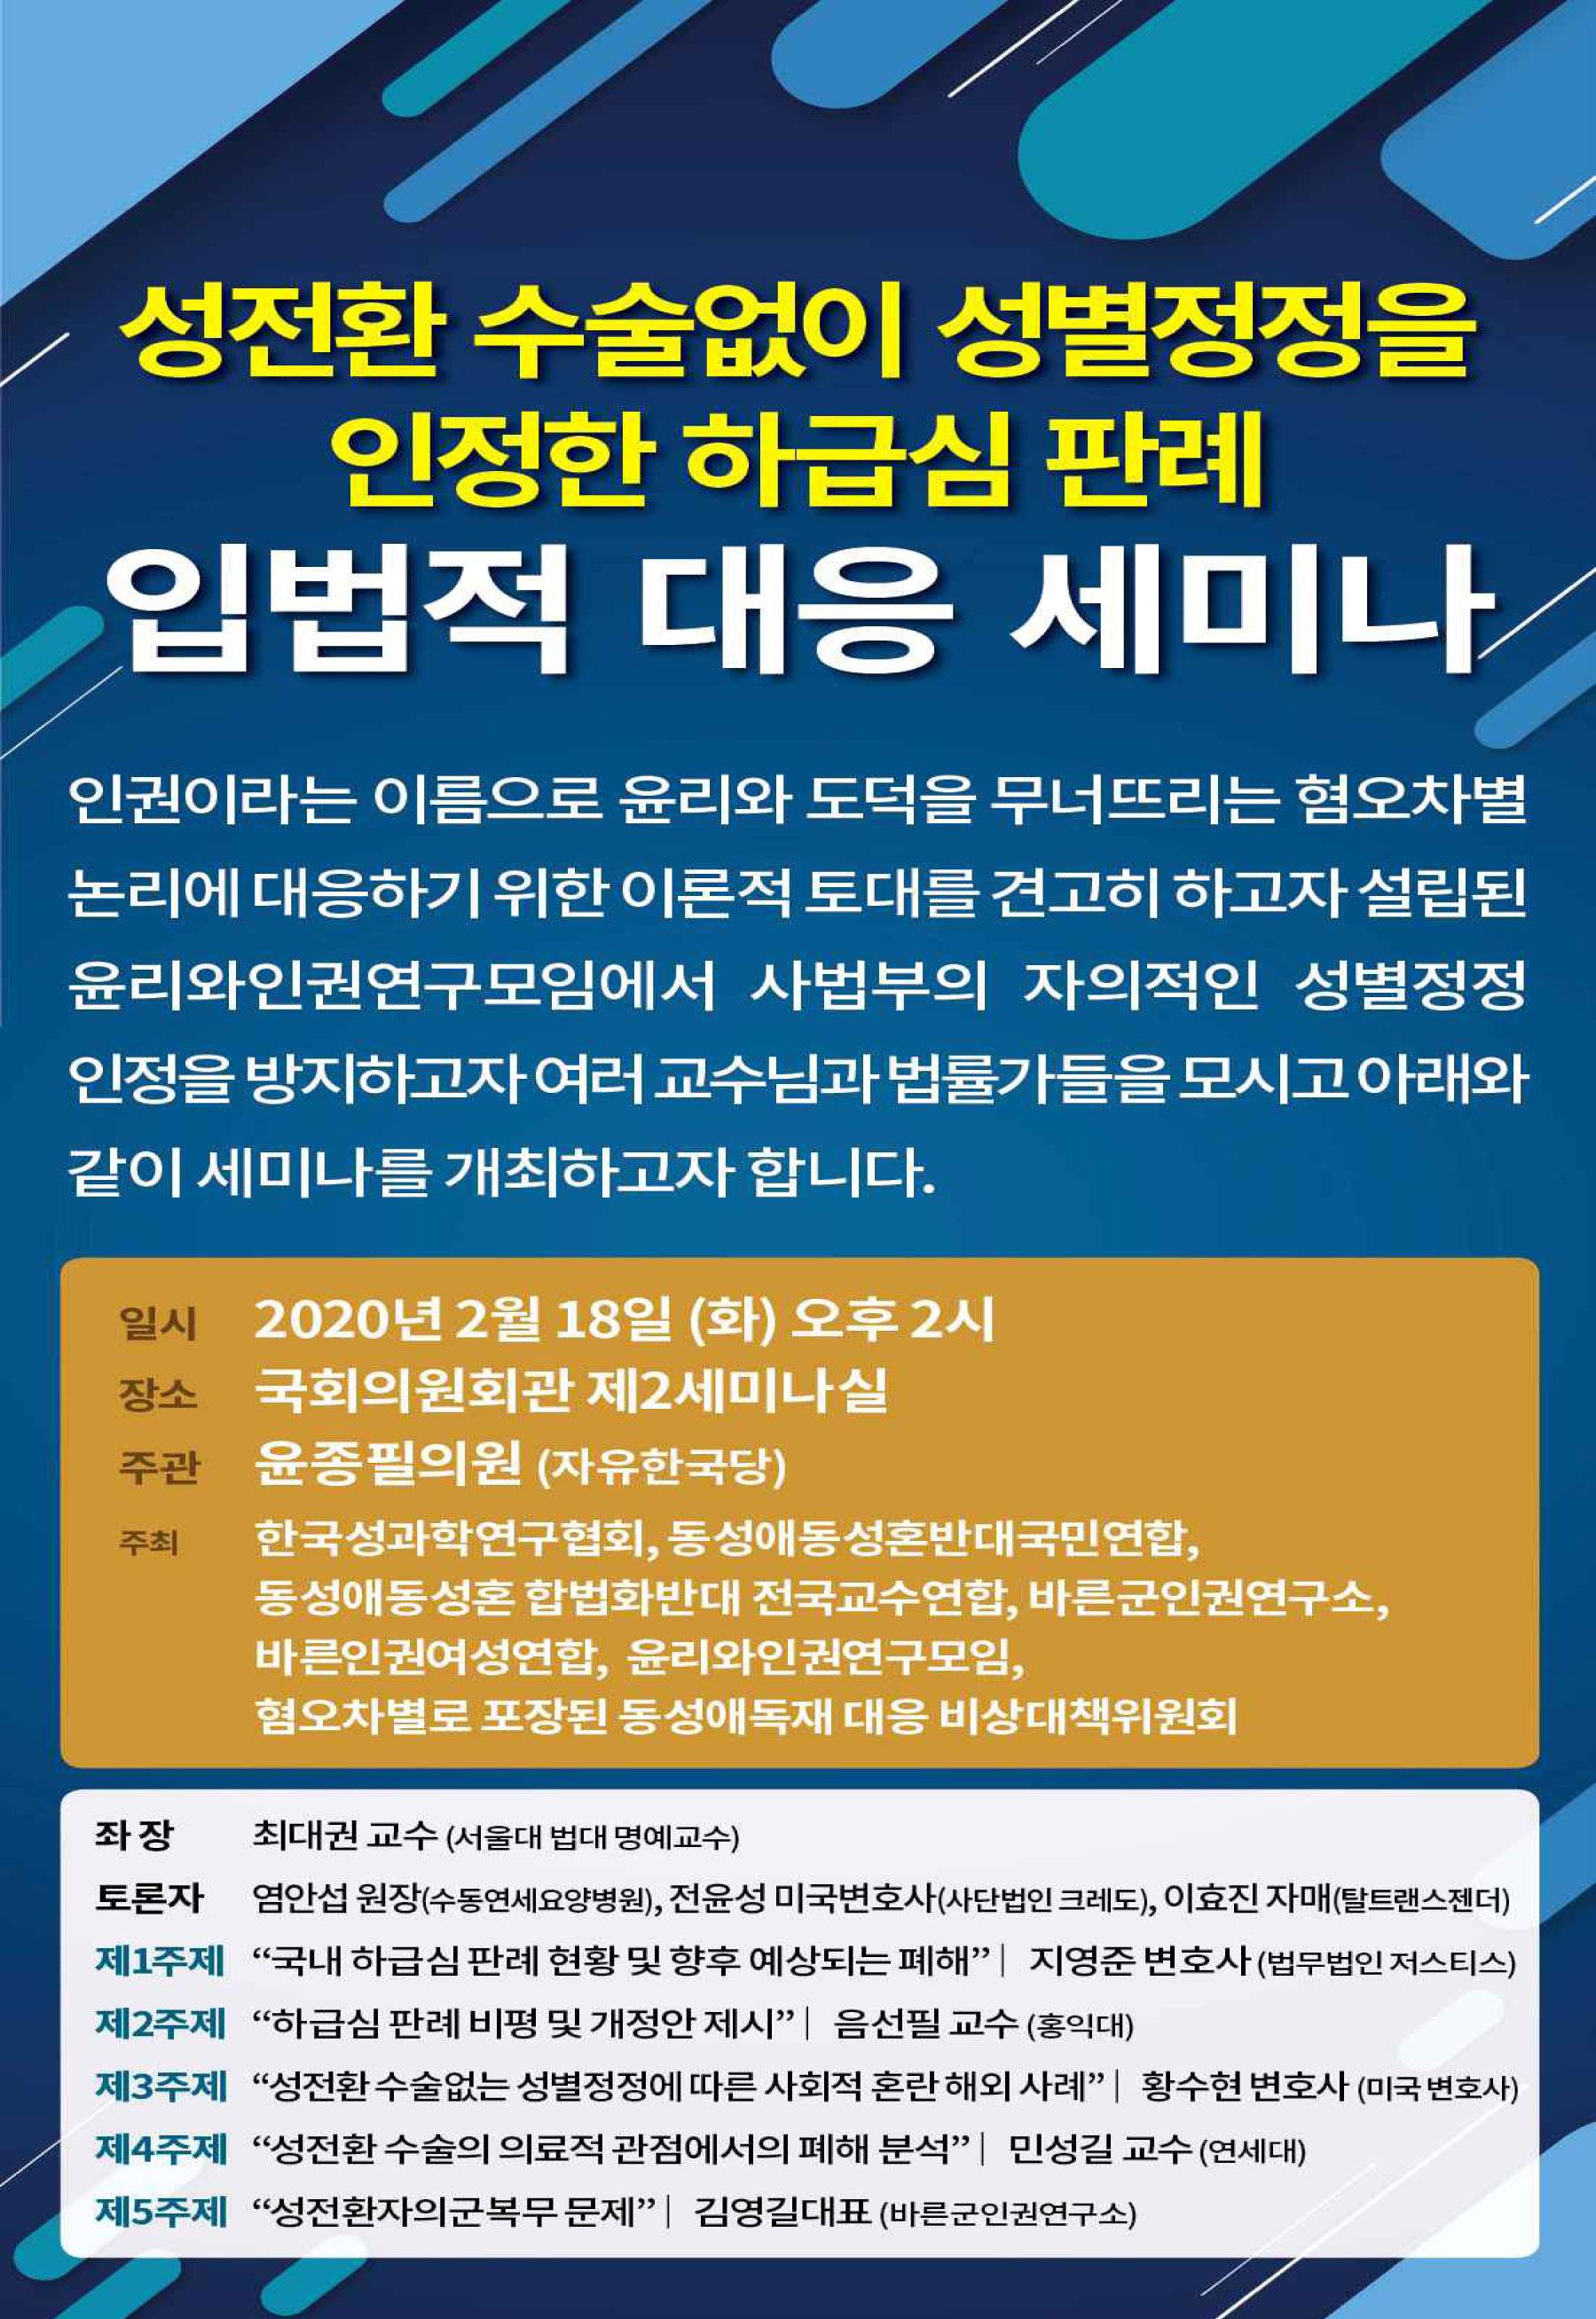 '성전환 수술 없이 성별정정' 입법 대응 세미나 개최